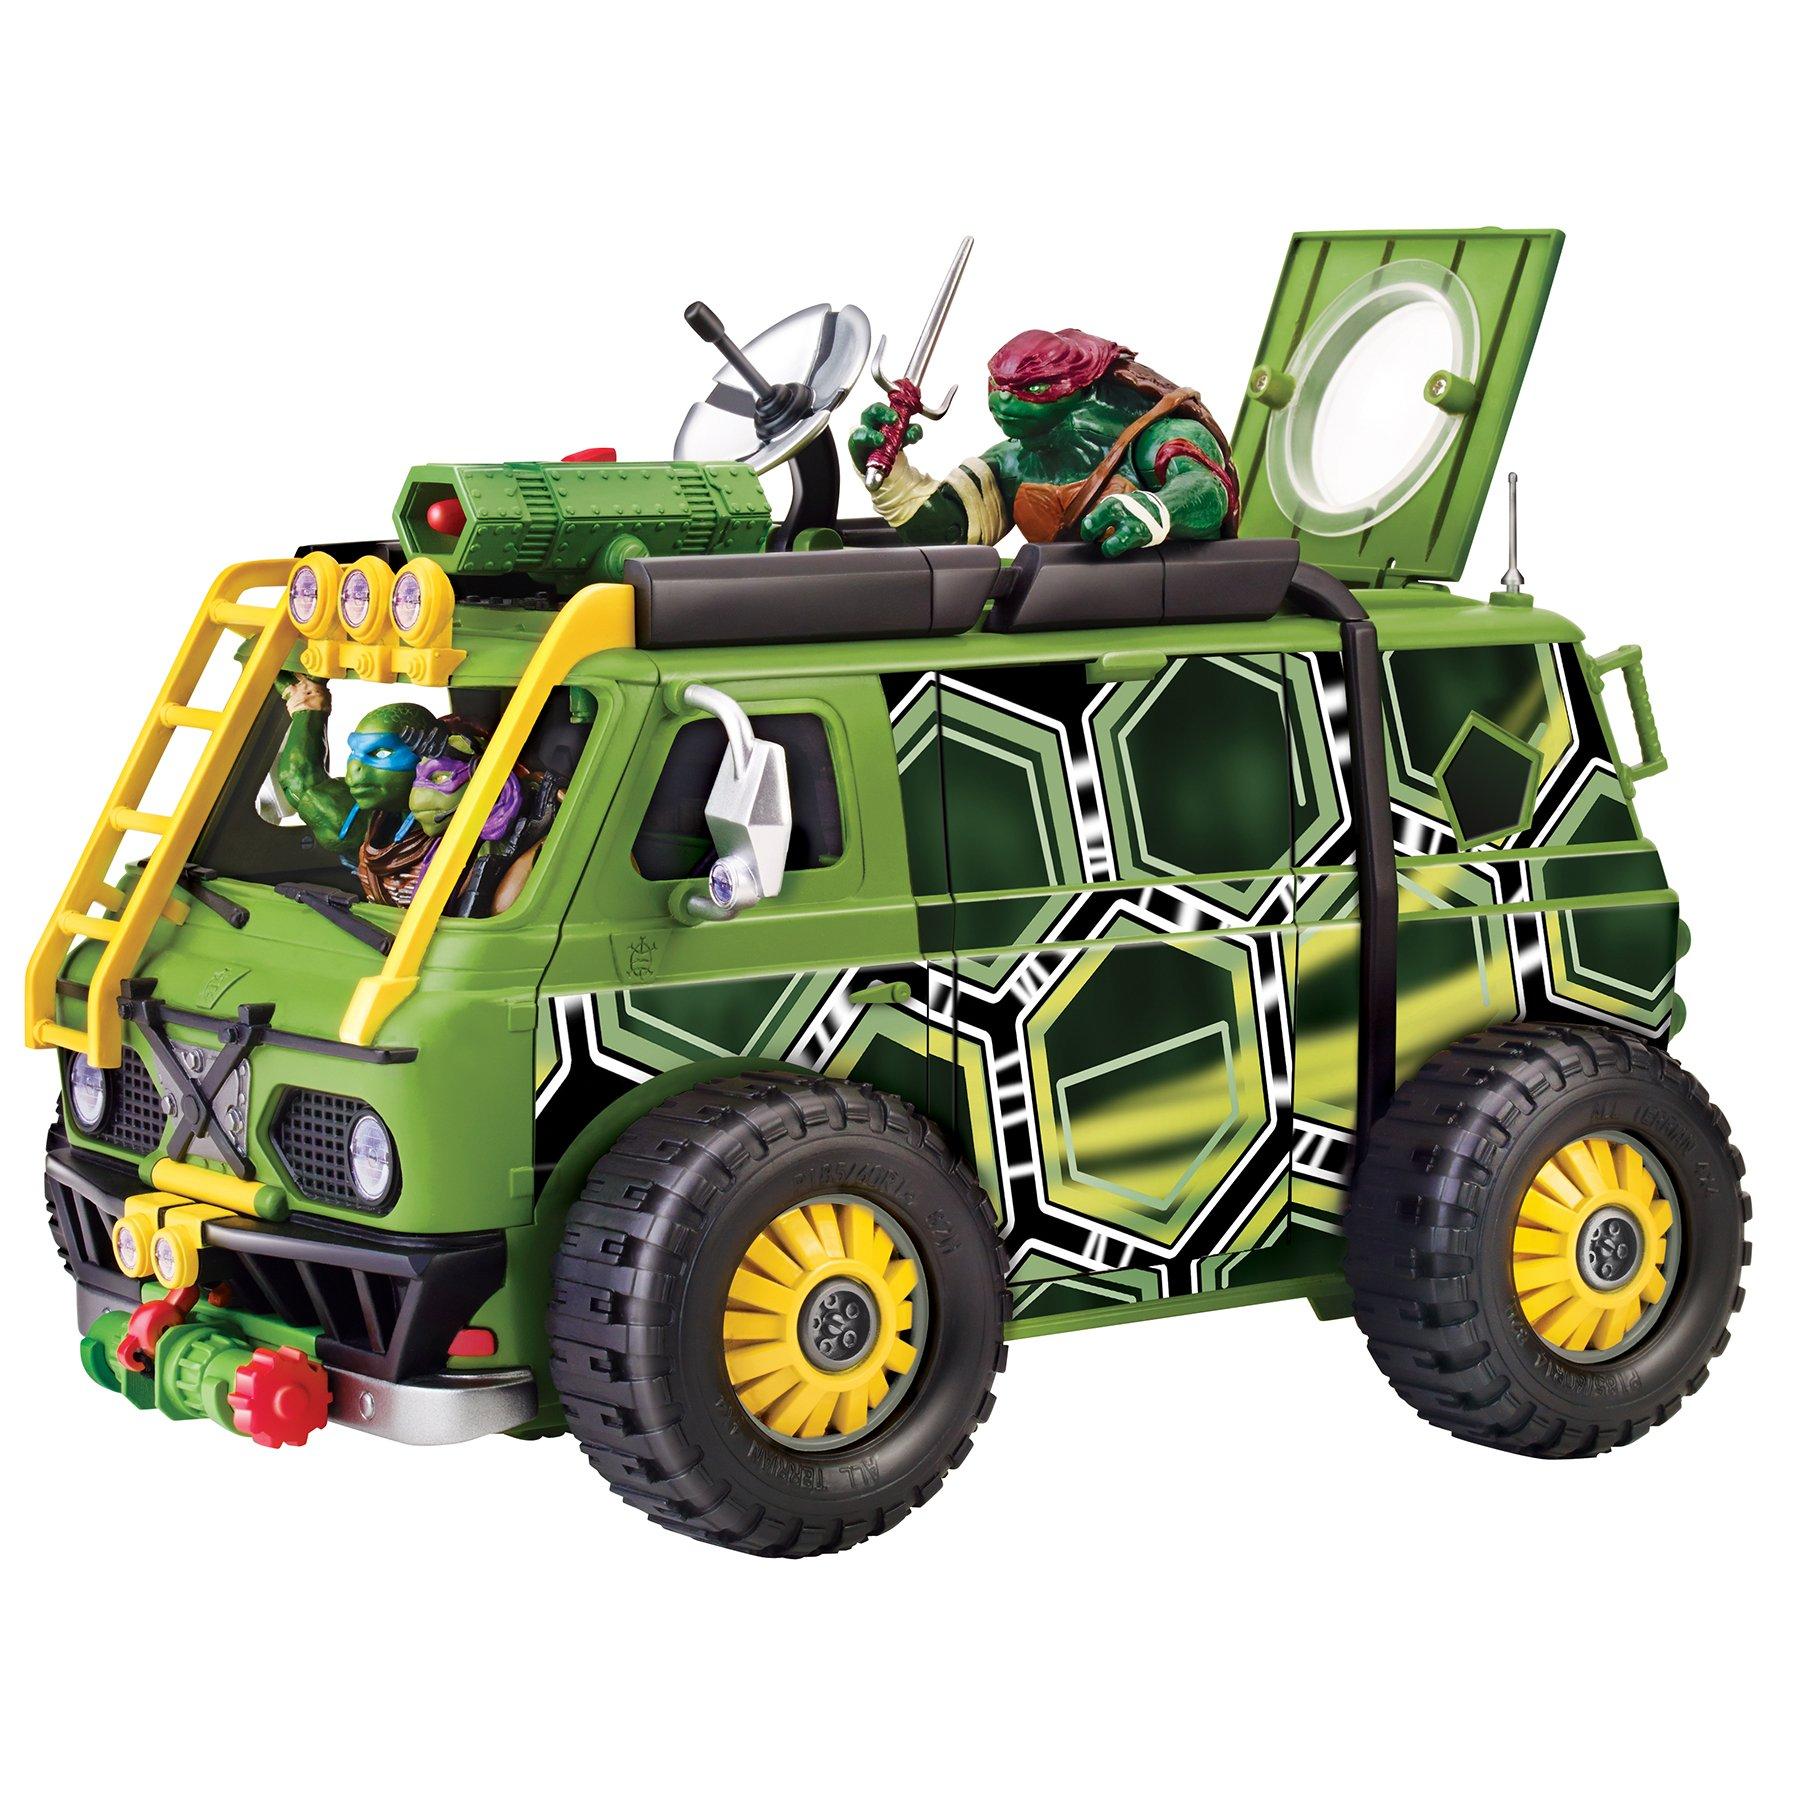 Teenage Mutant Ninja Turtles Movie Van by Nickelodeon (Image #1)